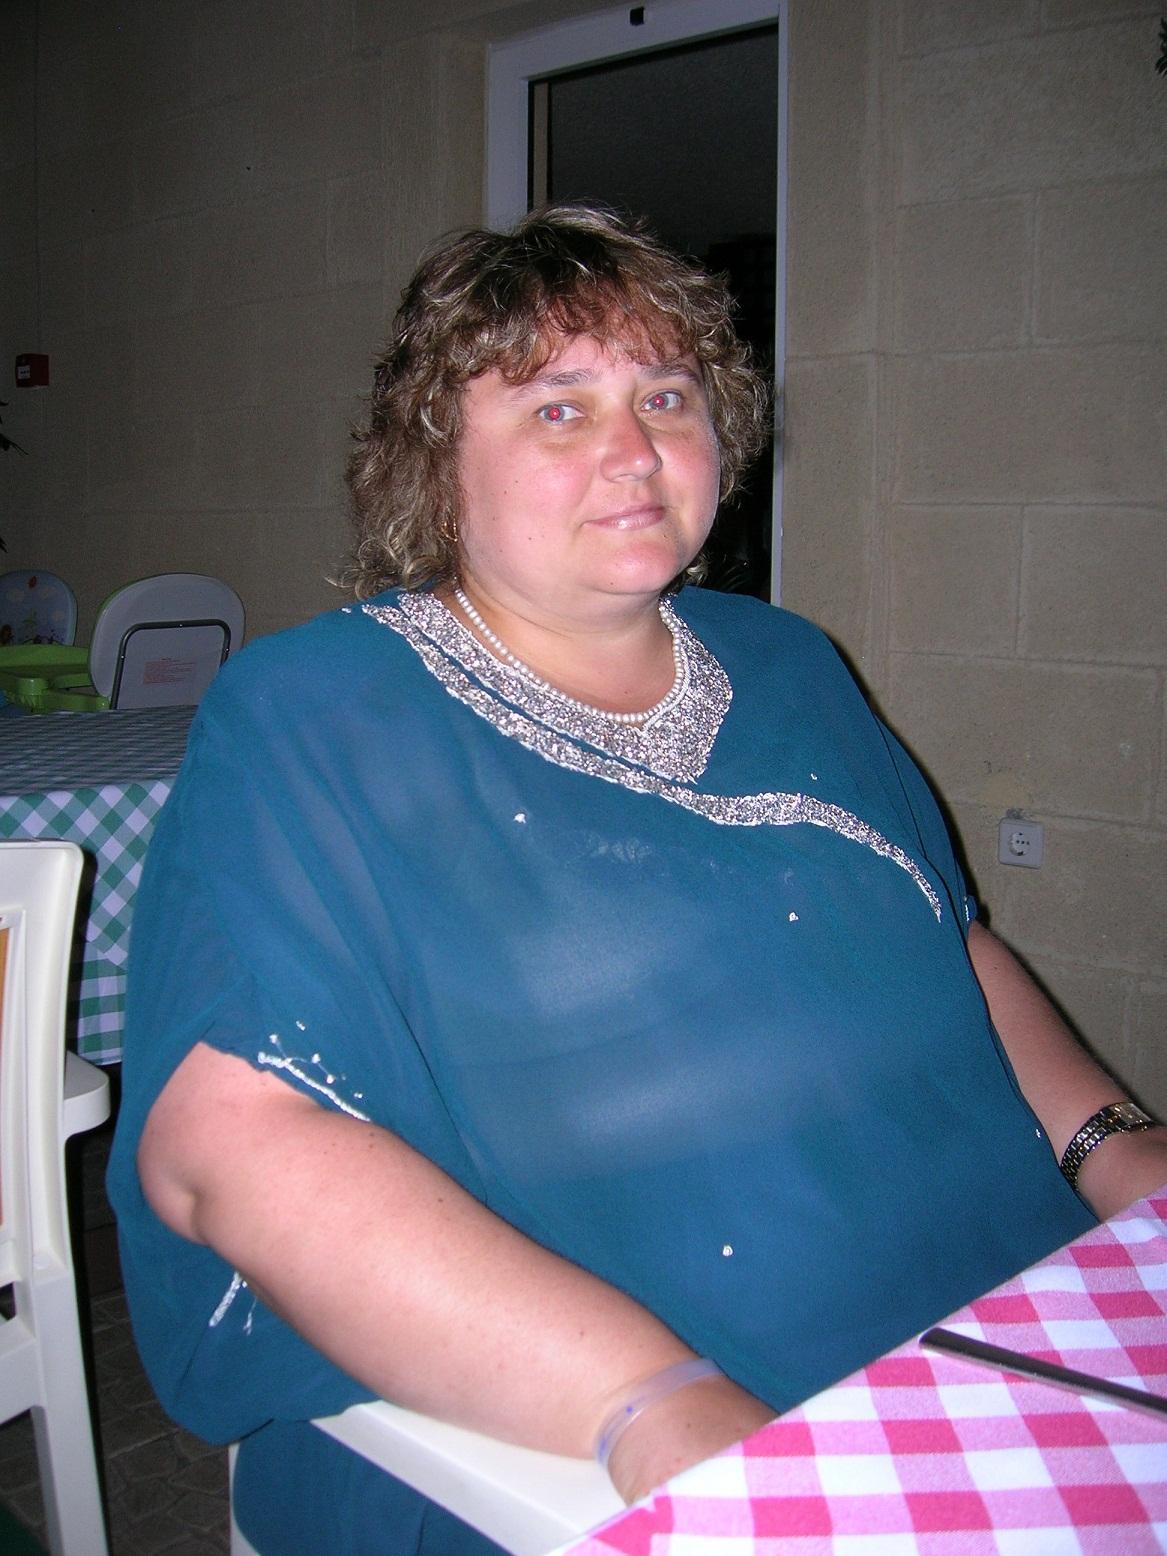 вес 145 кг как похудеть